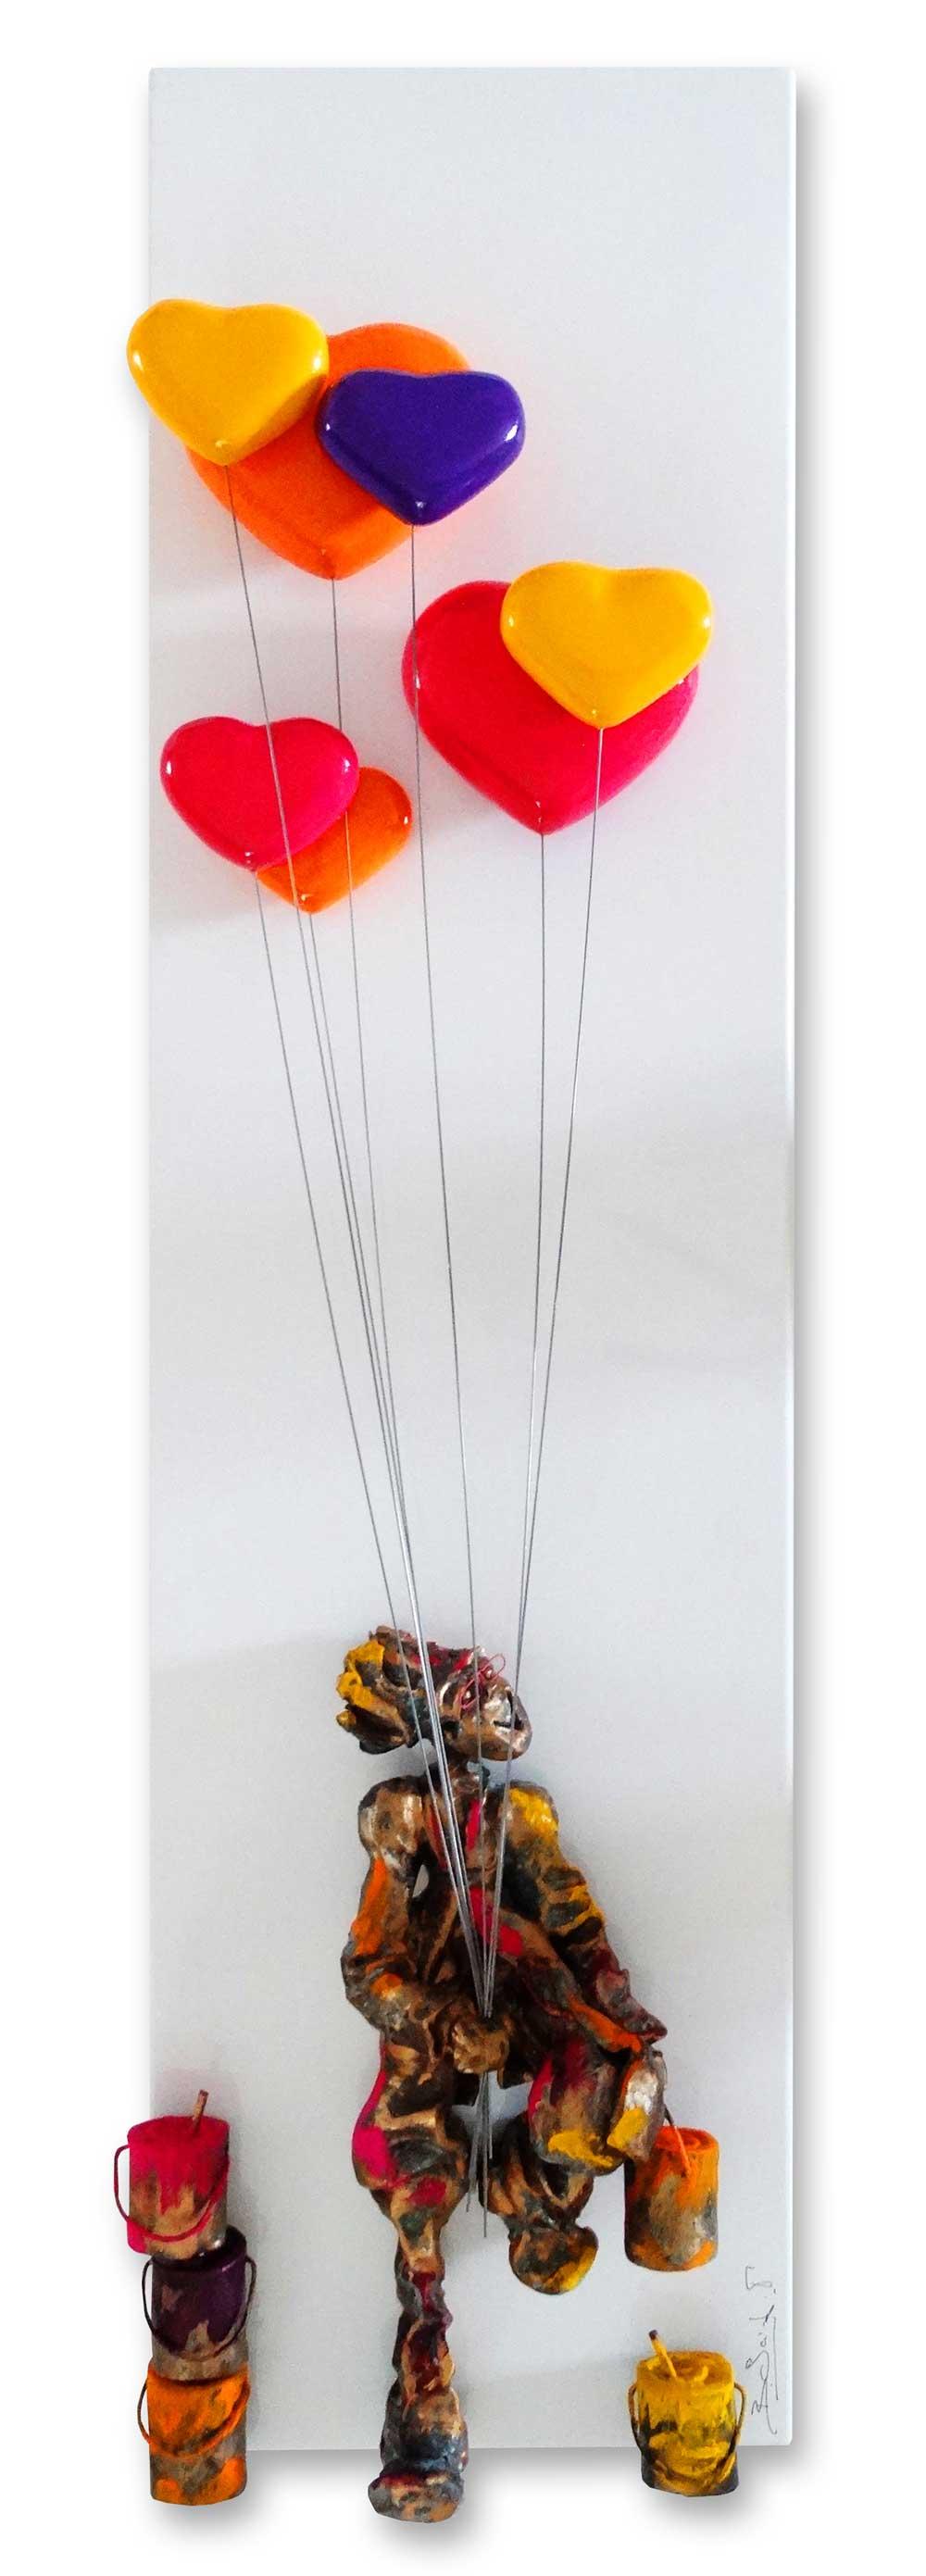 Bernard Saint Maxent - Love Balloons - 30x100cm